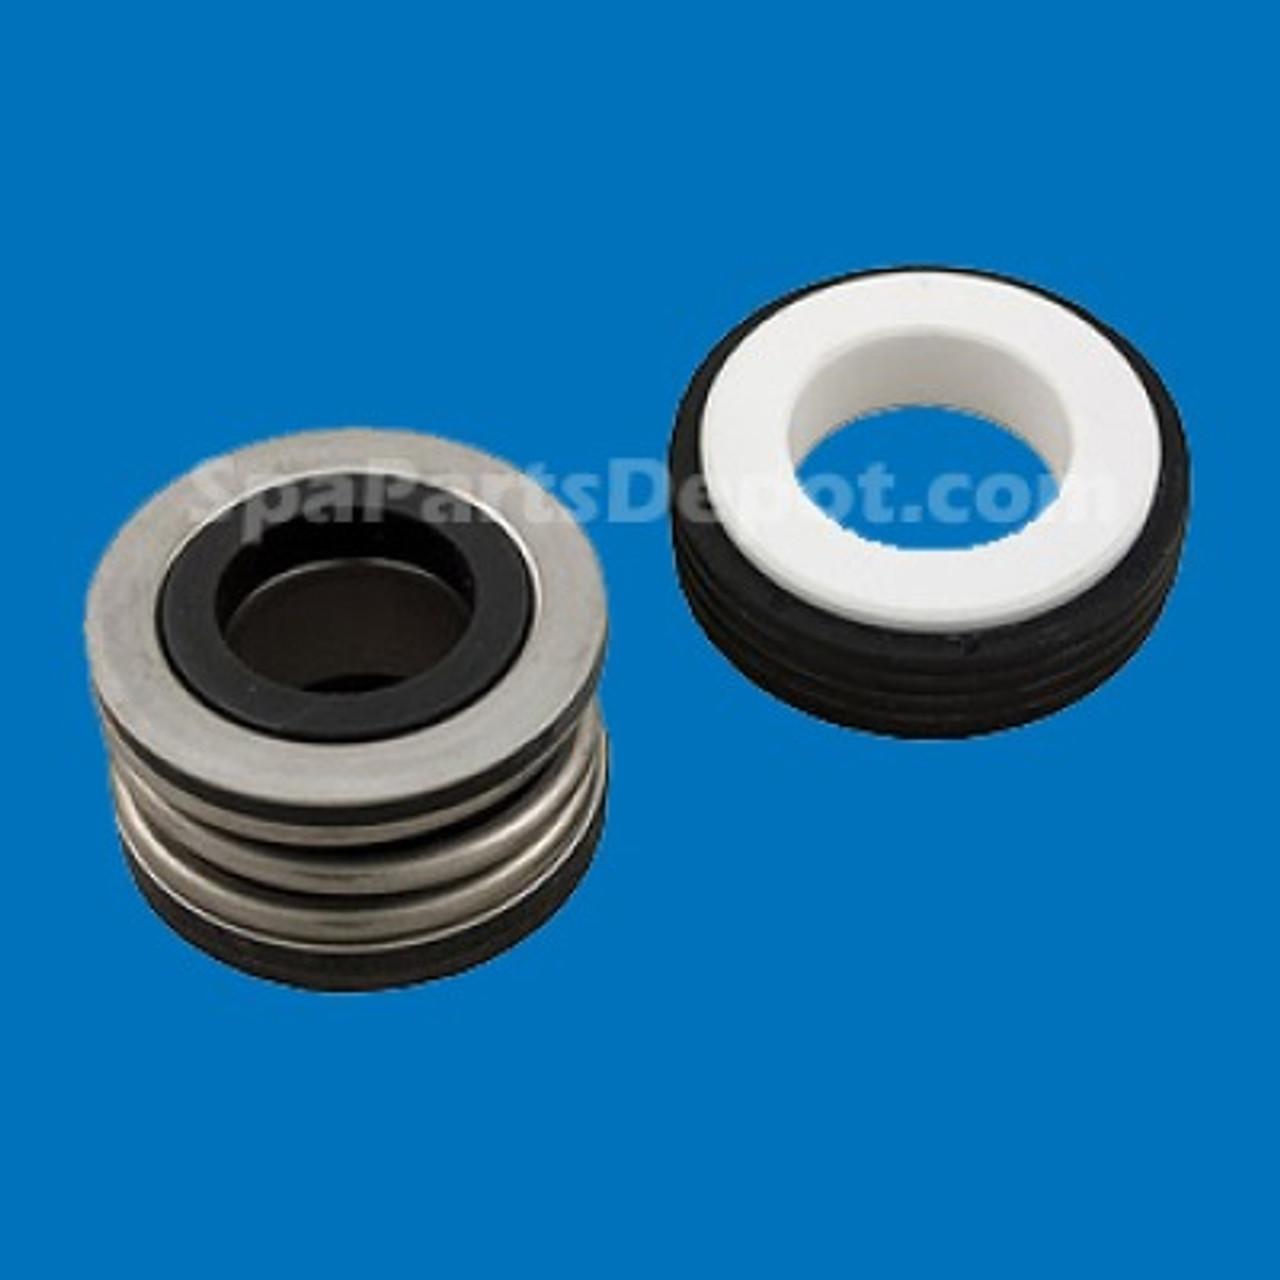 AquaFlo Flo-Master XP//XP2 Series Pump Impeller 2.0 HP 91694200